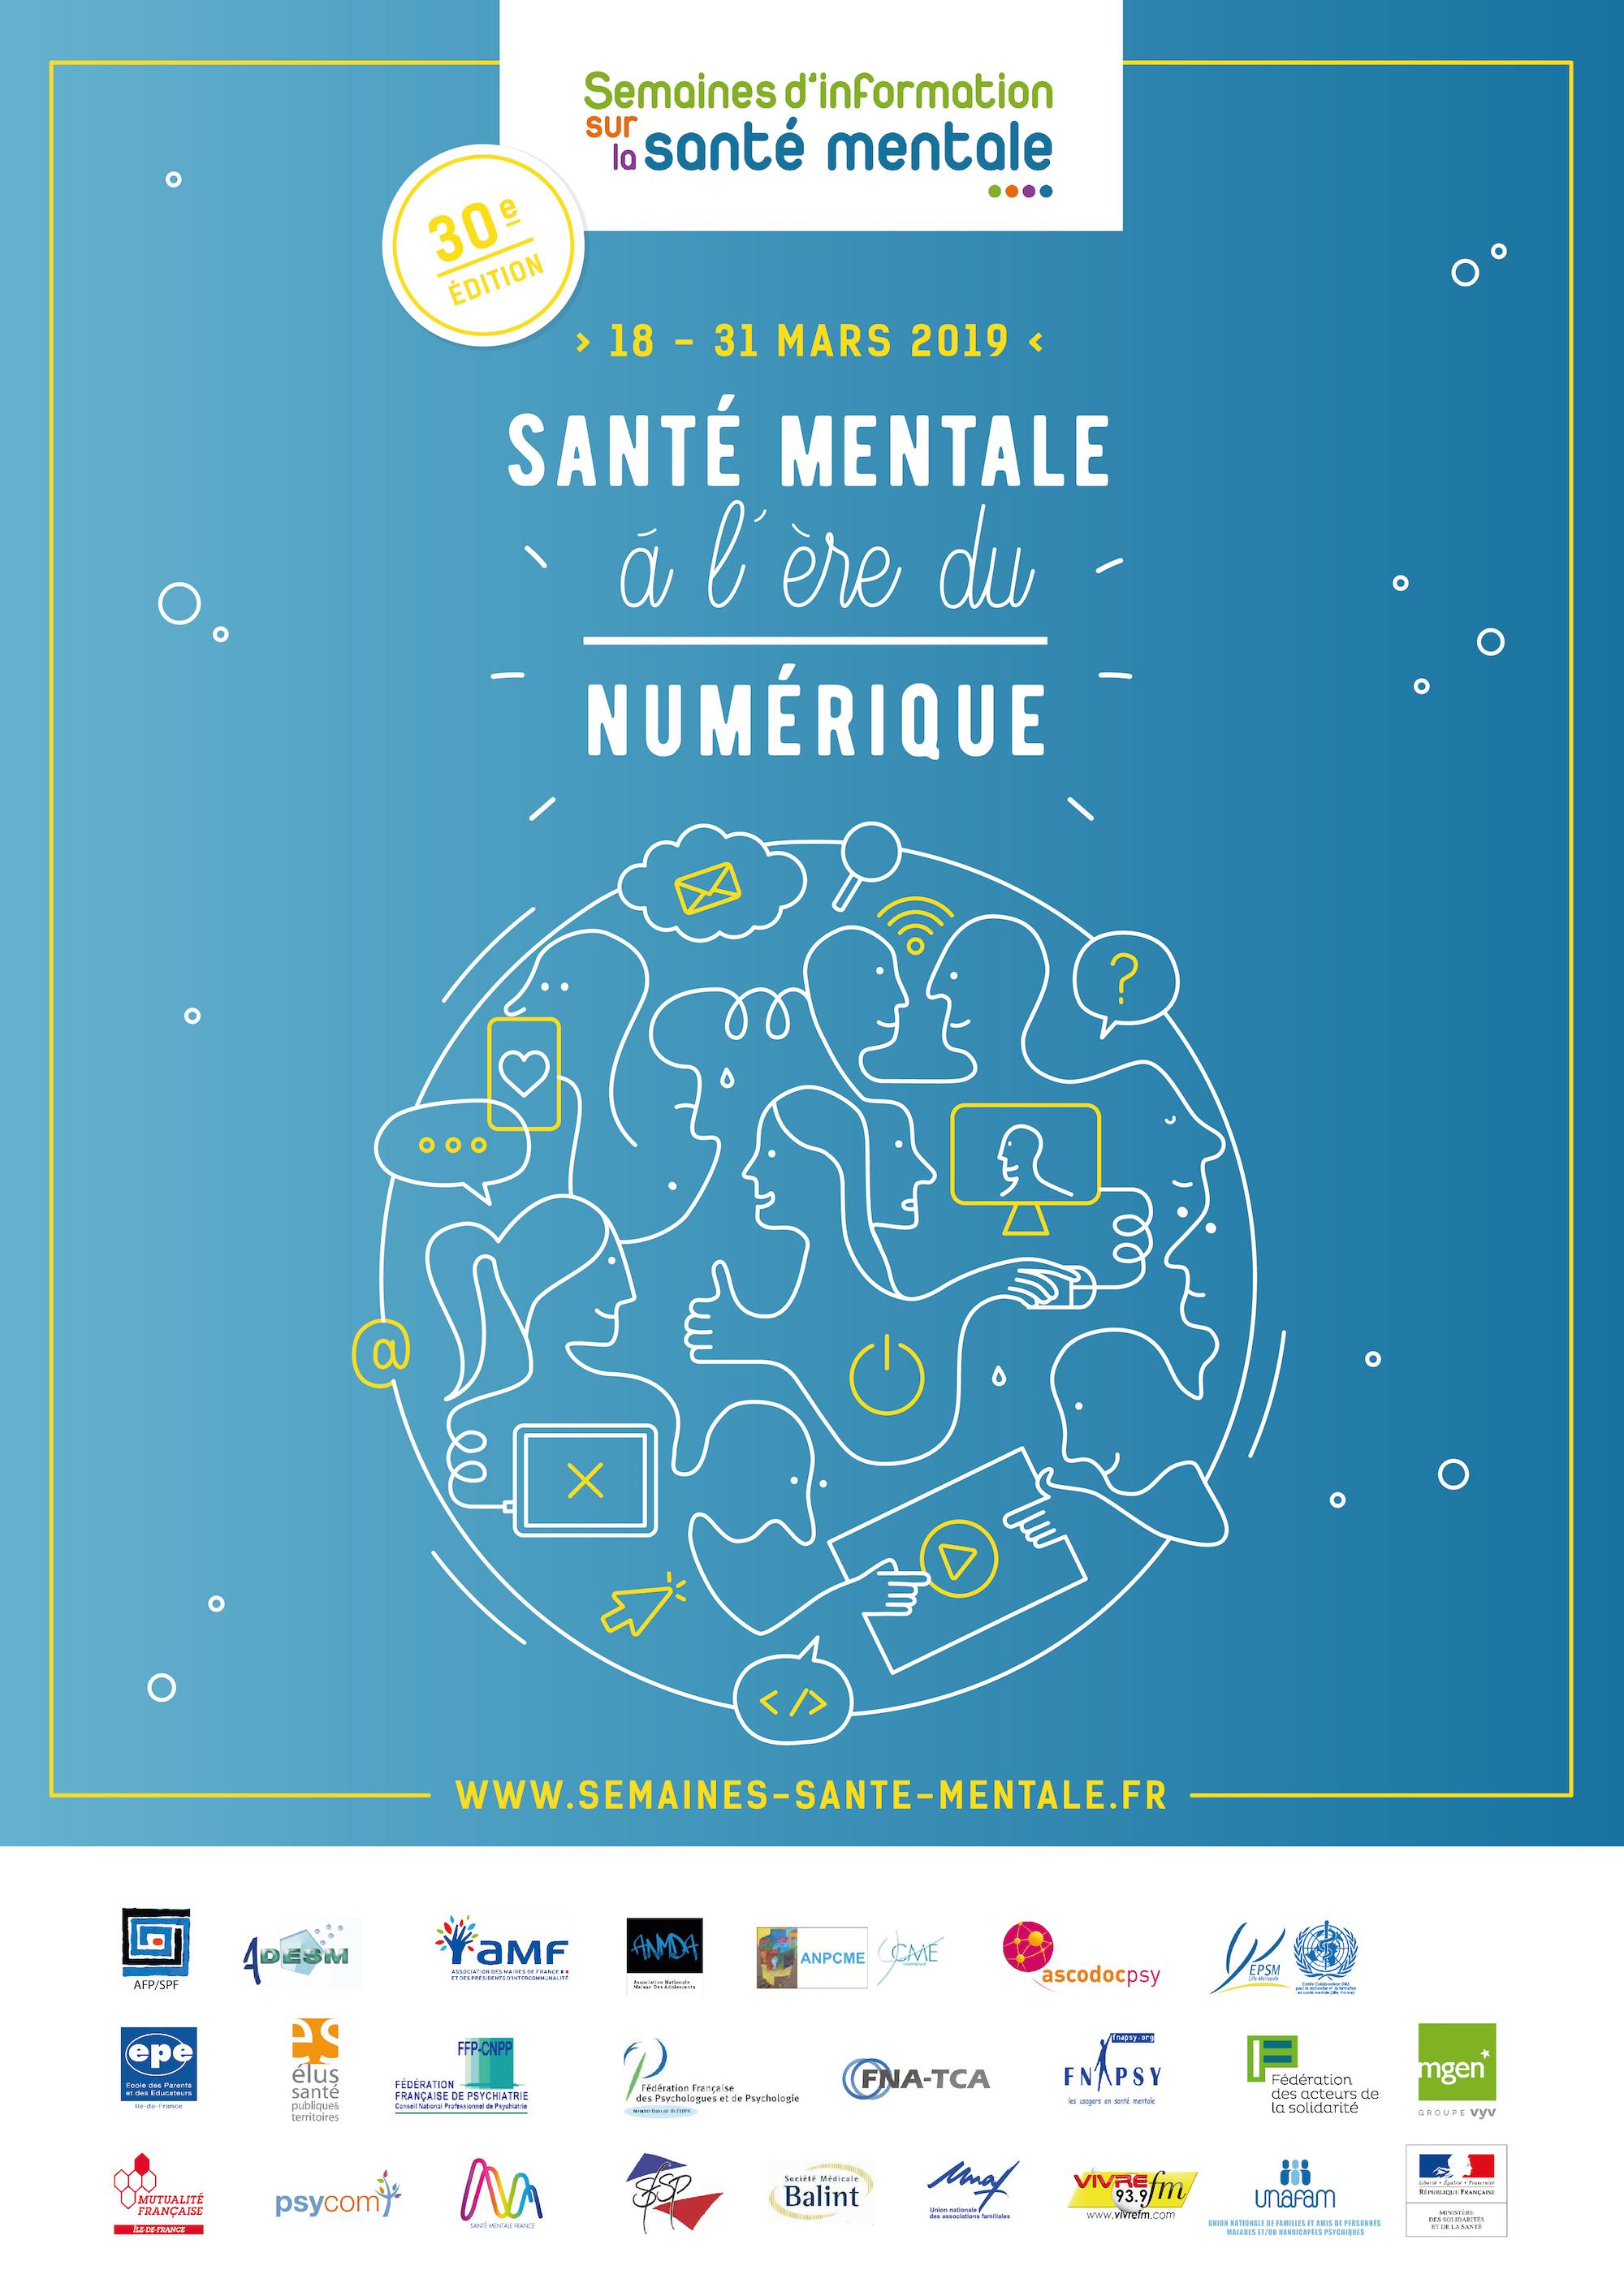 Semaines d'information sur la santé mentale (SISM 2019) du 18 au 31 mars 2019 «Santé mentale à l'ère du numérique»